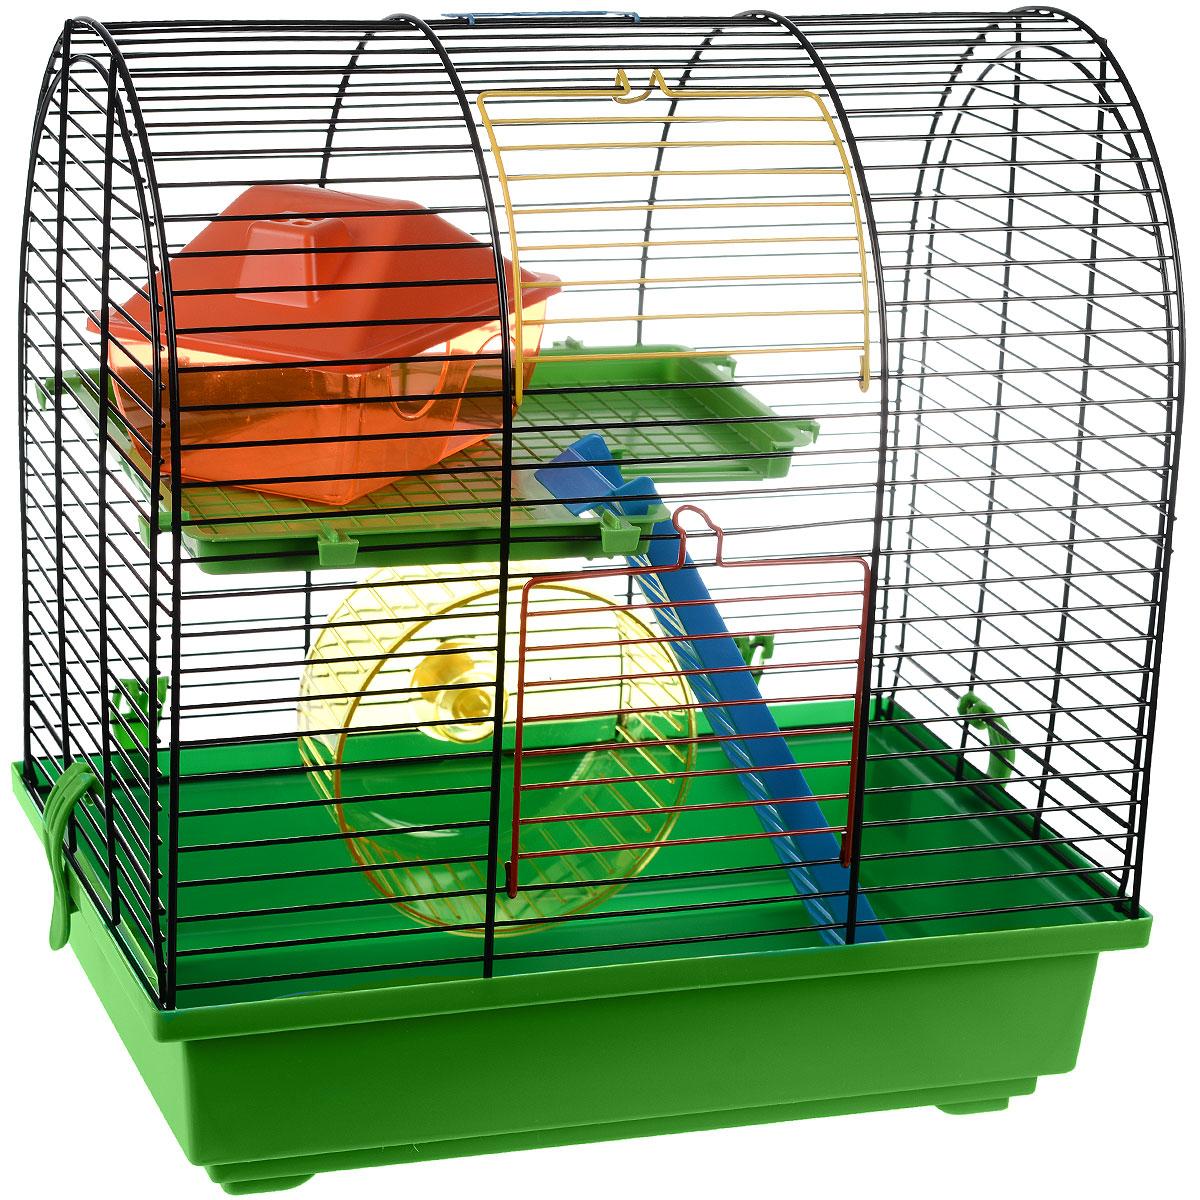 Клетка для грызунов I.P.T.S. Grim 2, цвет: черный, зеленый, 37 см х 25 см х 39 см клетка для грызунов inter zoo wiewiorka для дегу 71х40х63см